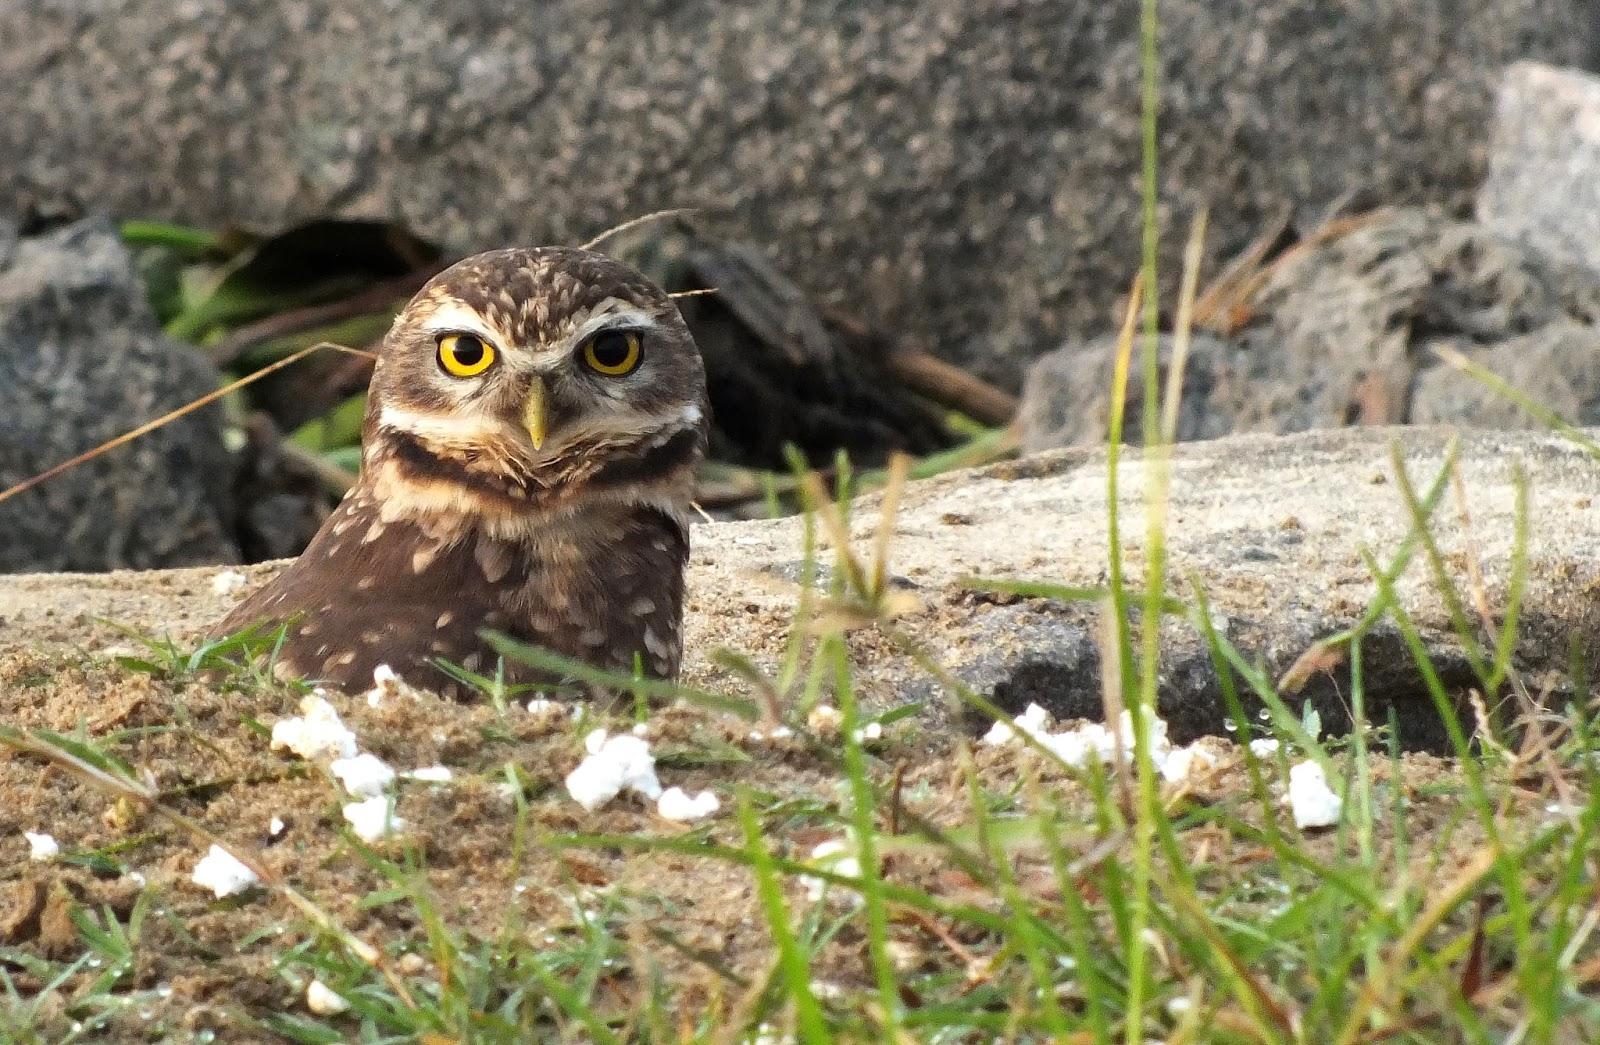 http://aprendendocomasimagens.blogspot.com/2013/11/o-ensejo-de-uma-corujinha-buraqueira.html - O olhar da sabedoria aprisiona minha admiração, busco captar não só a beleza, mas as características de uma das espécies que é simplesmente percepção.